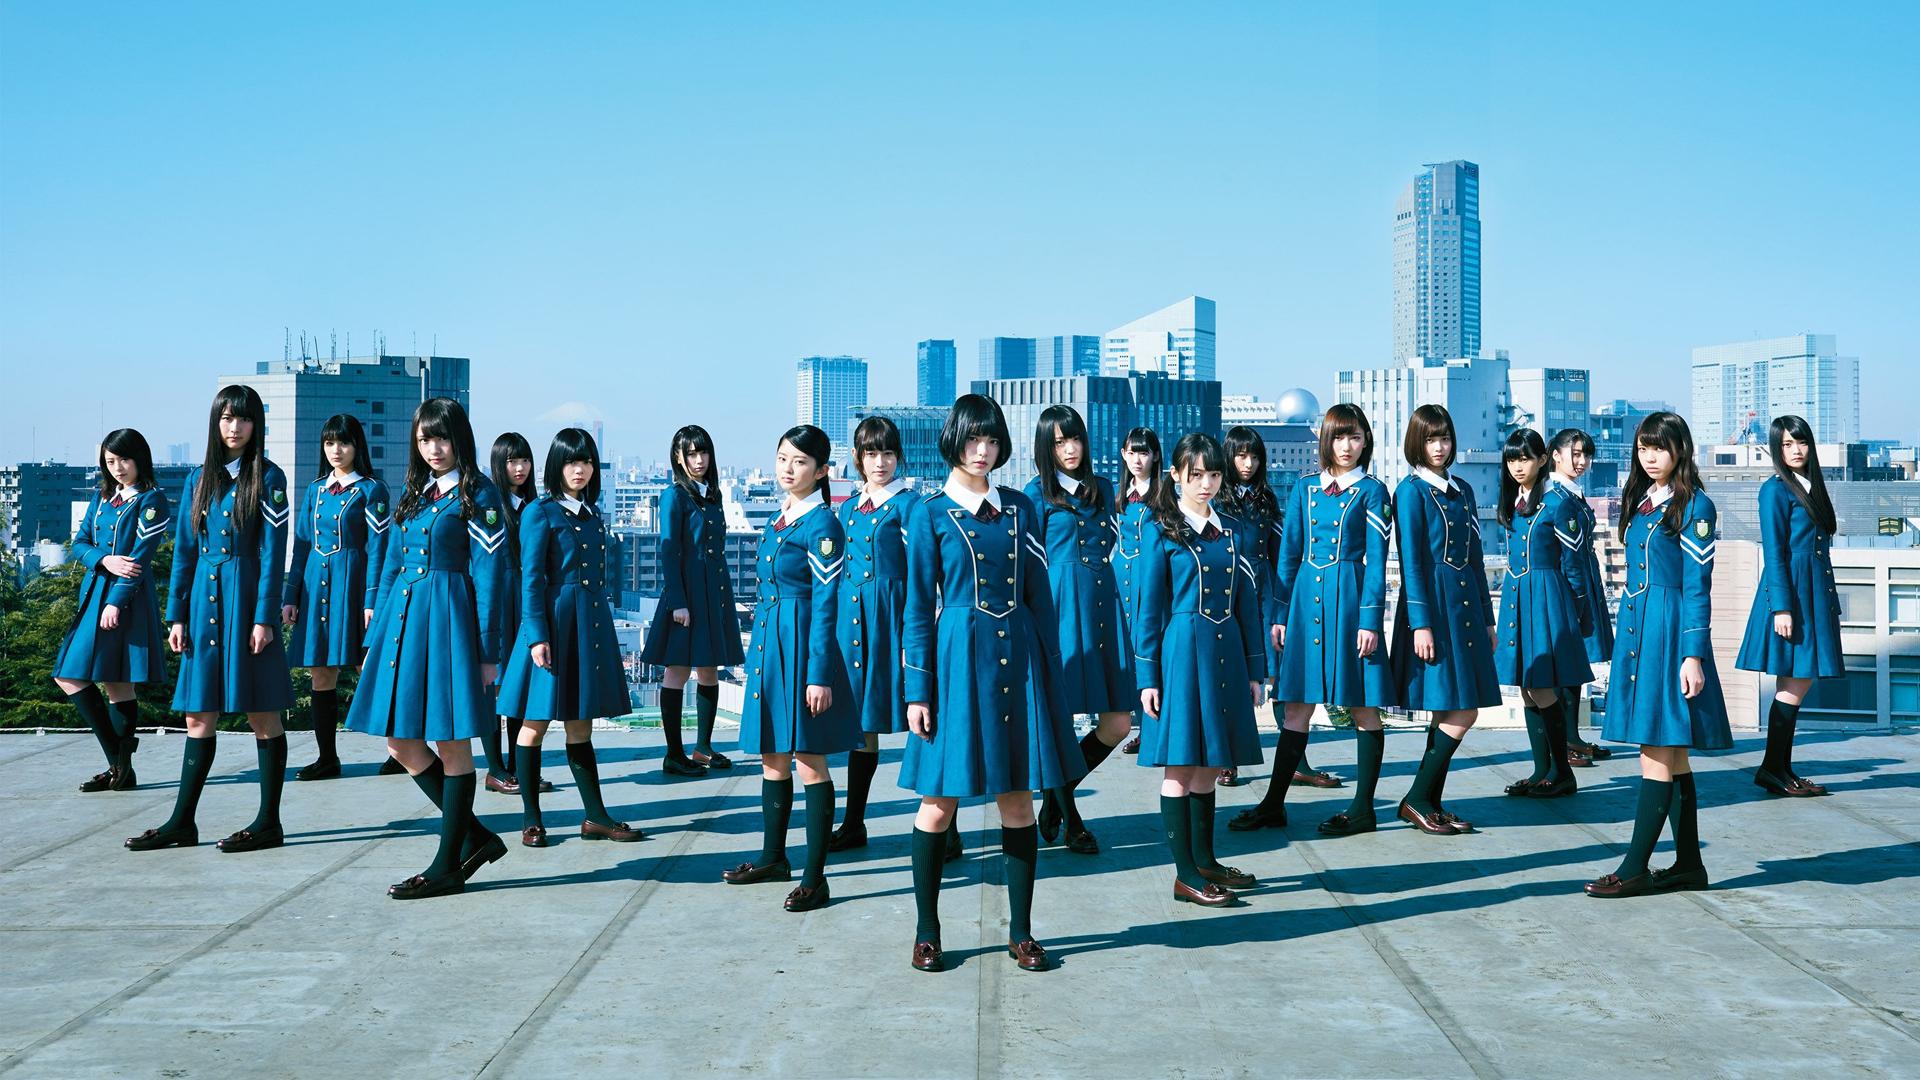 欅坂46アーティスト写真撮影場所 Fumi Diary 2号店